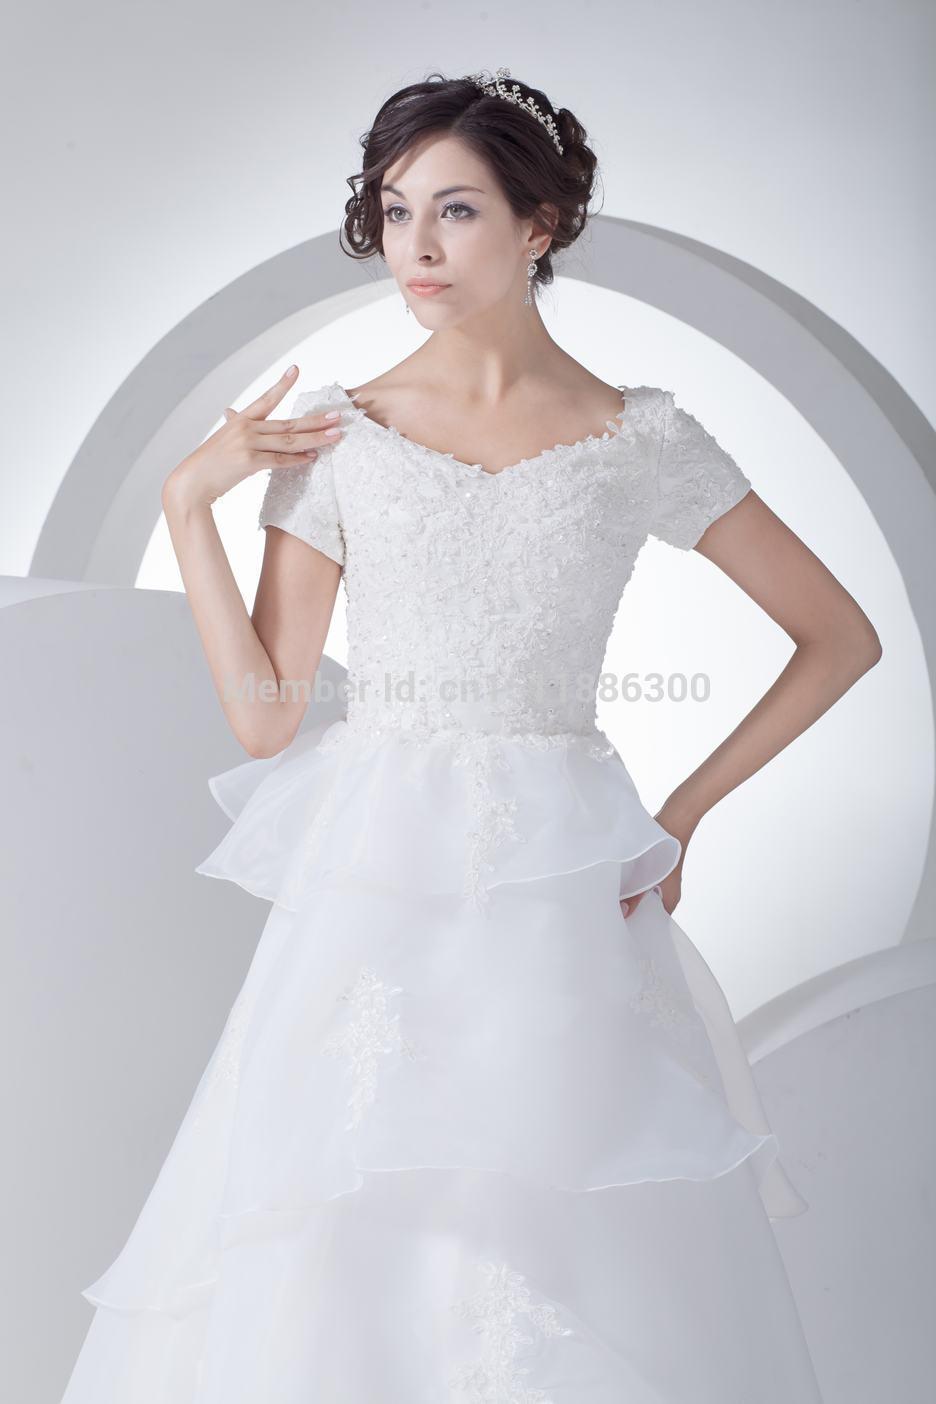 Vestidos de boda de la manga del casquillo del cordón